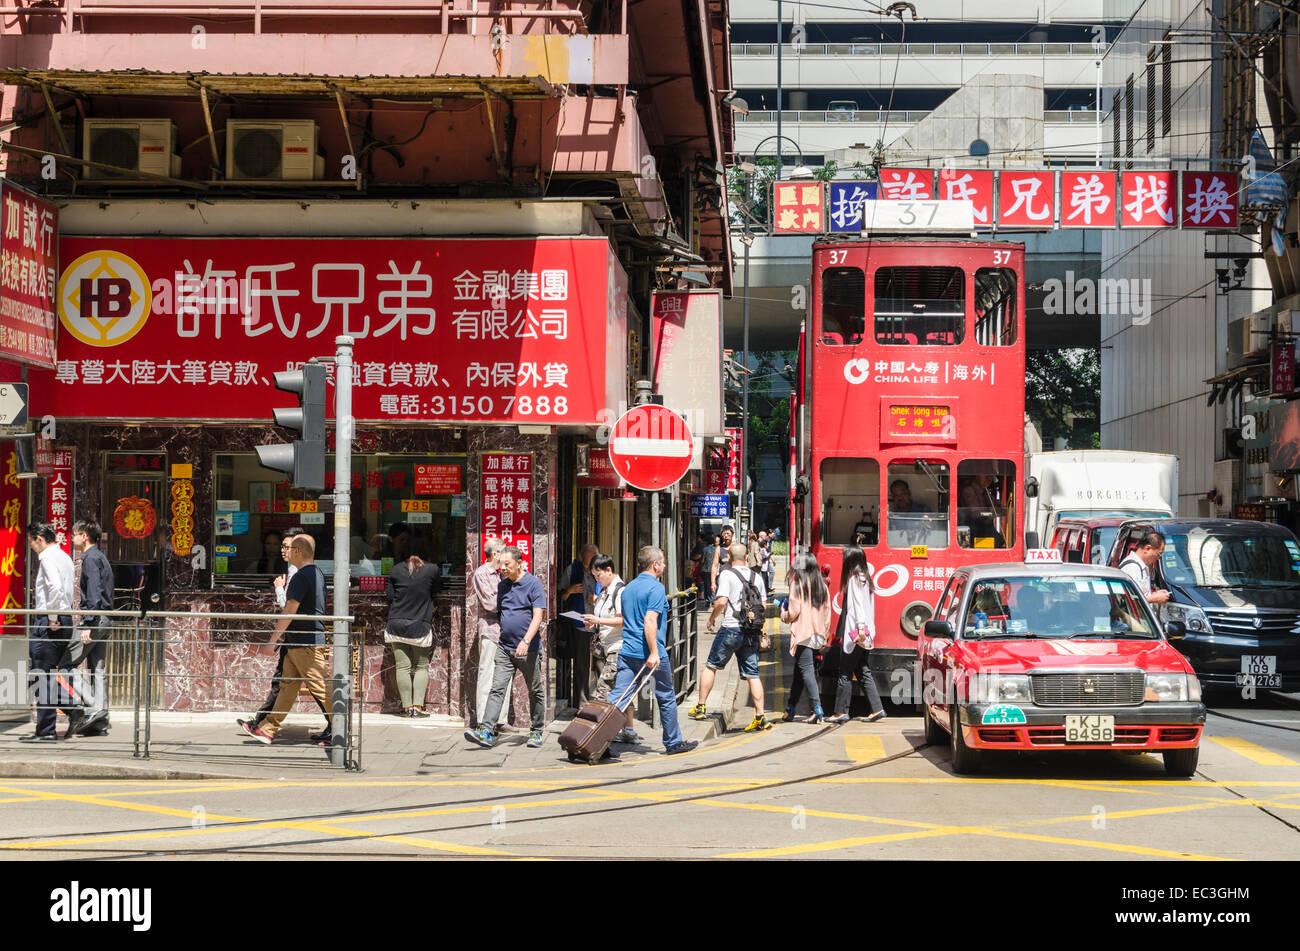 Occupé à l'île de Hong Kong, scène de rue à Sheung Wan, Hong Kong, Chine Banque D'Images